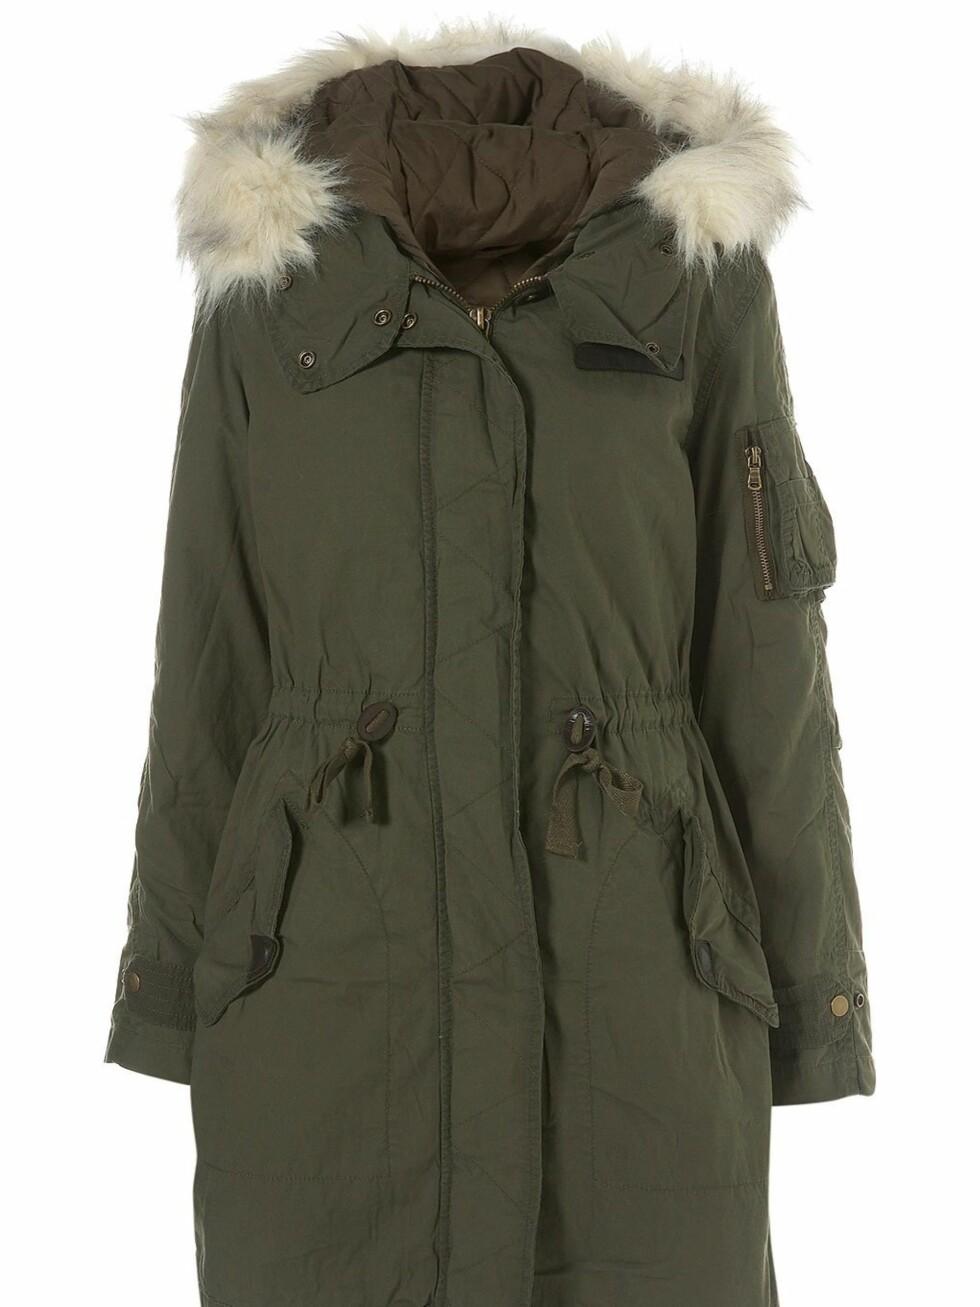 Grønn parkas med snøring i livet og detaljer i skinn og pels, fra Topshop, ca. kr 785. Foto: Produsenten